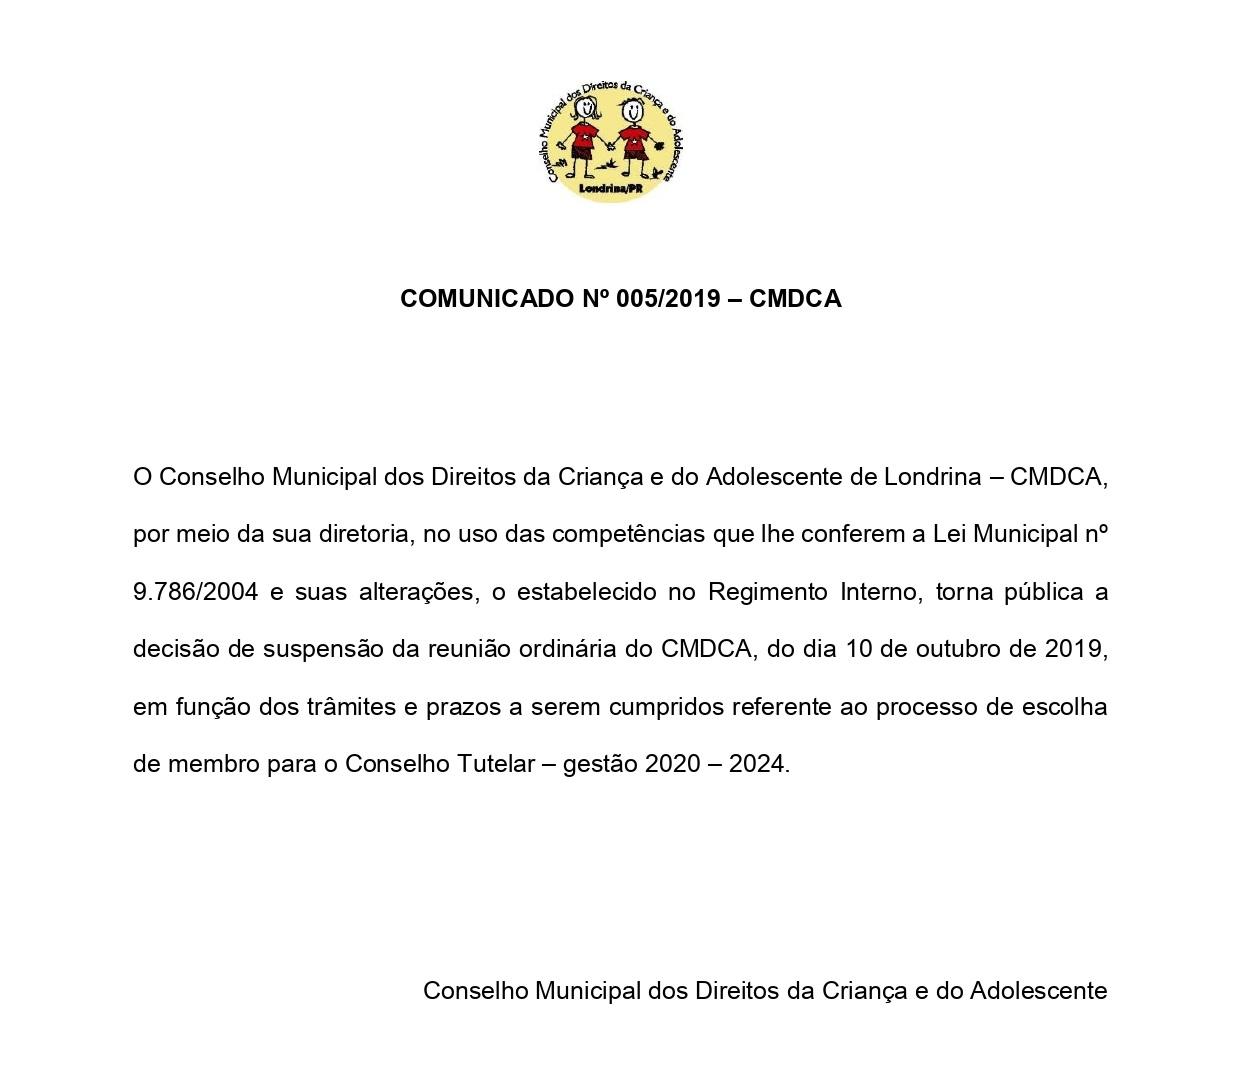 Comunicado nº 05/2019 - CMDCA